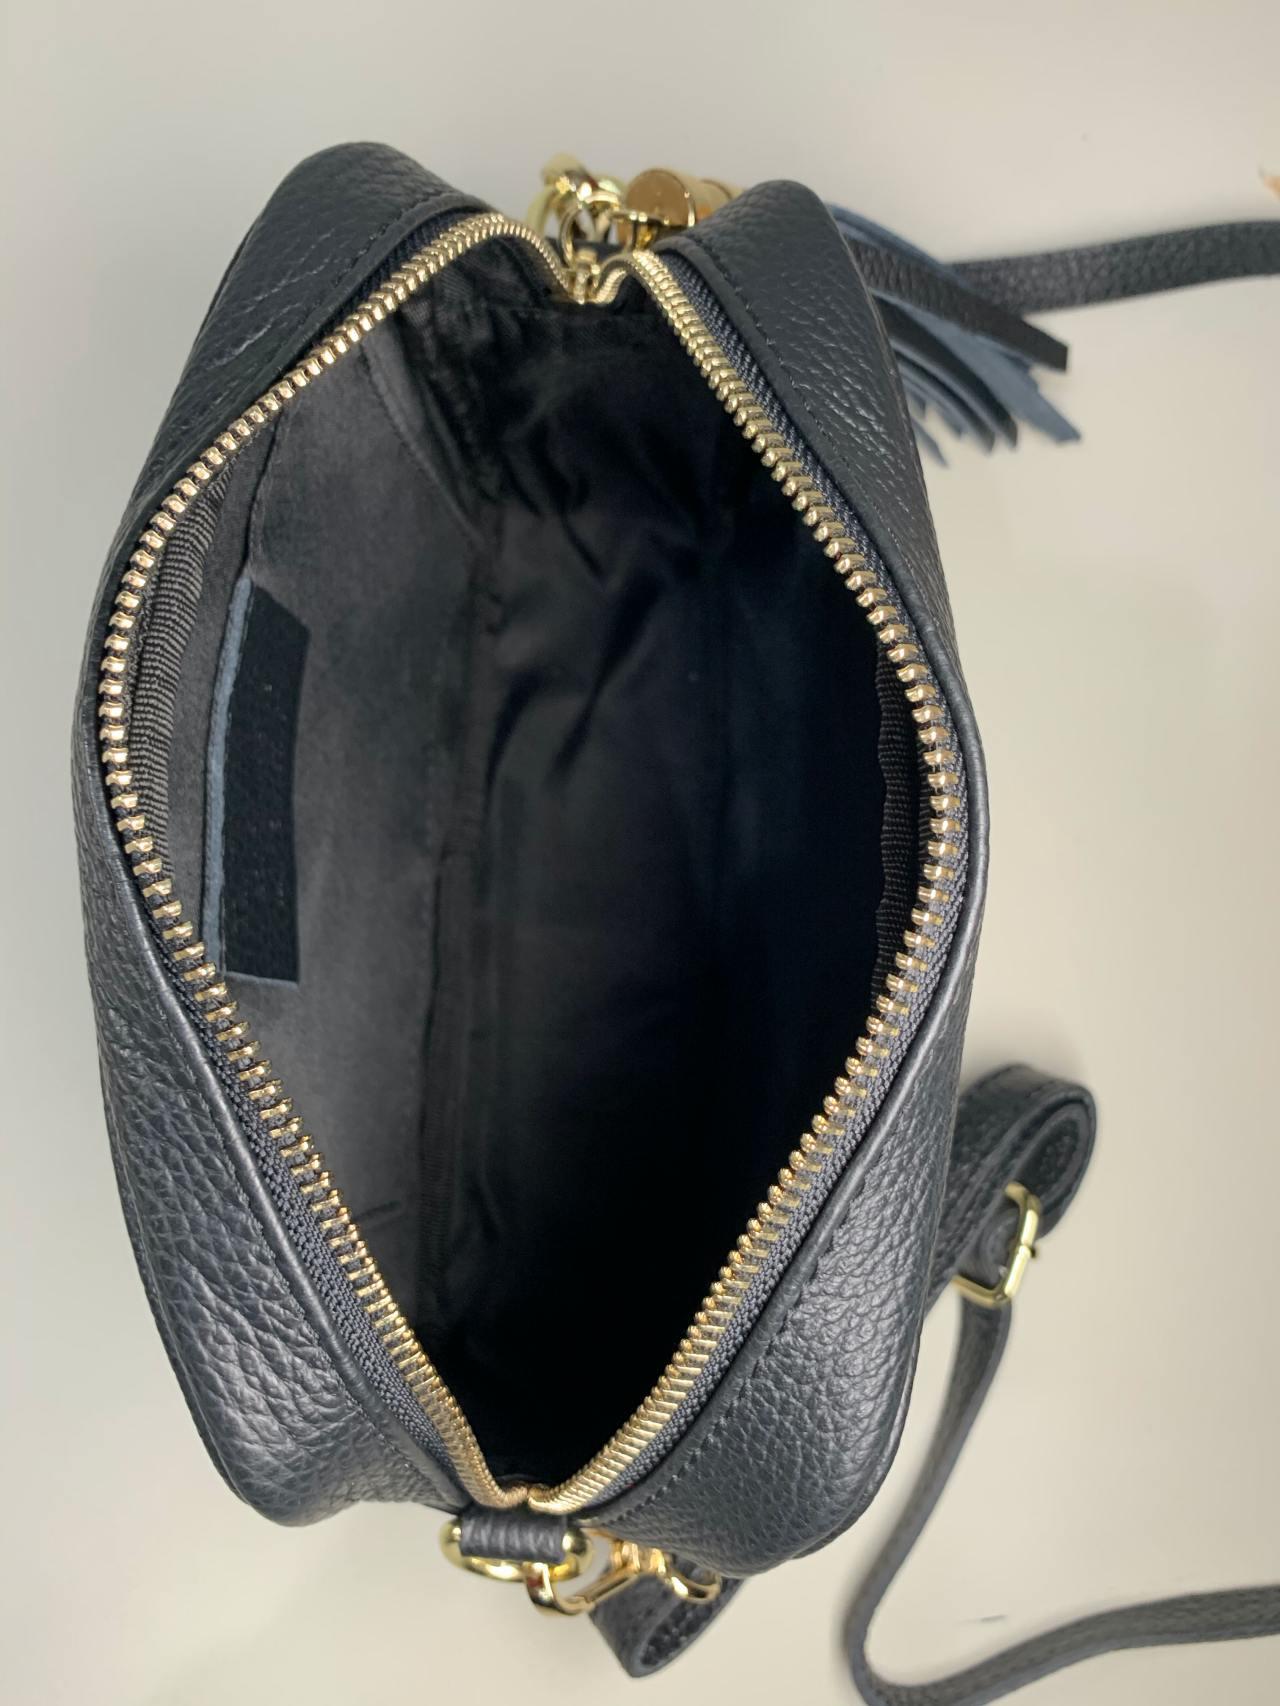 Kožená kabelka Lola černostříbrná -04